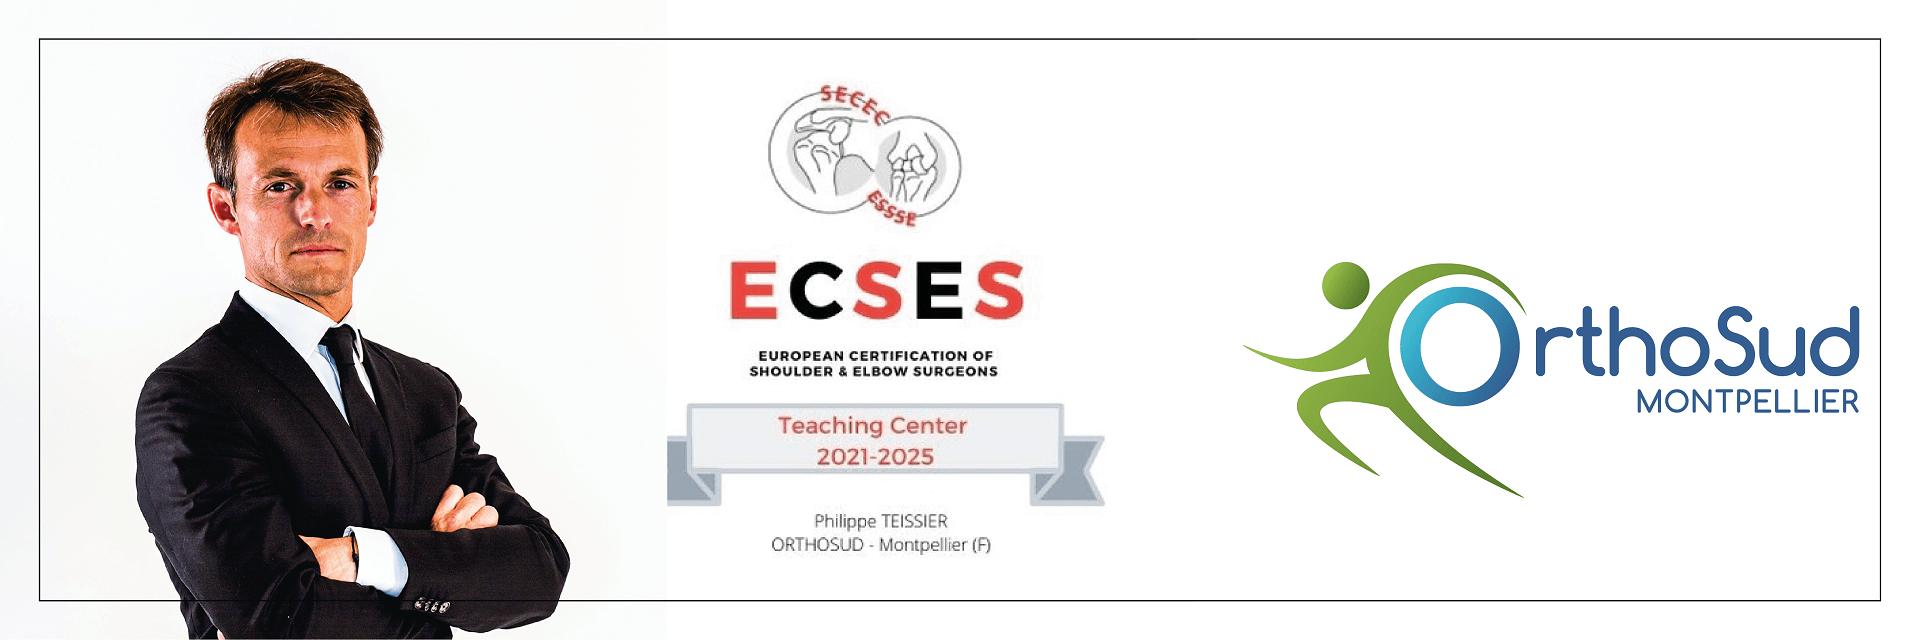 Le Docteur Philippe Teissier et l'unité Orthosud Epaule, deviennent centre européen de formation en chirurgie de l'épaule et du coude, certfiié par la SECEC